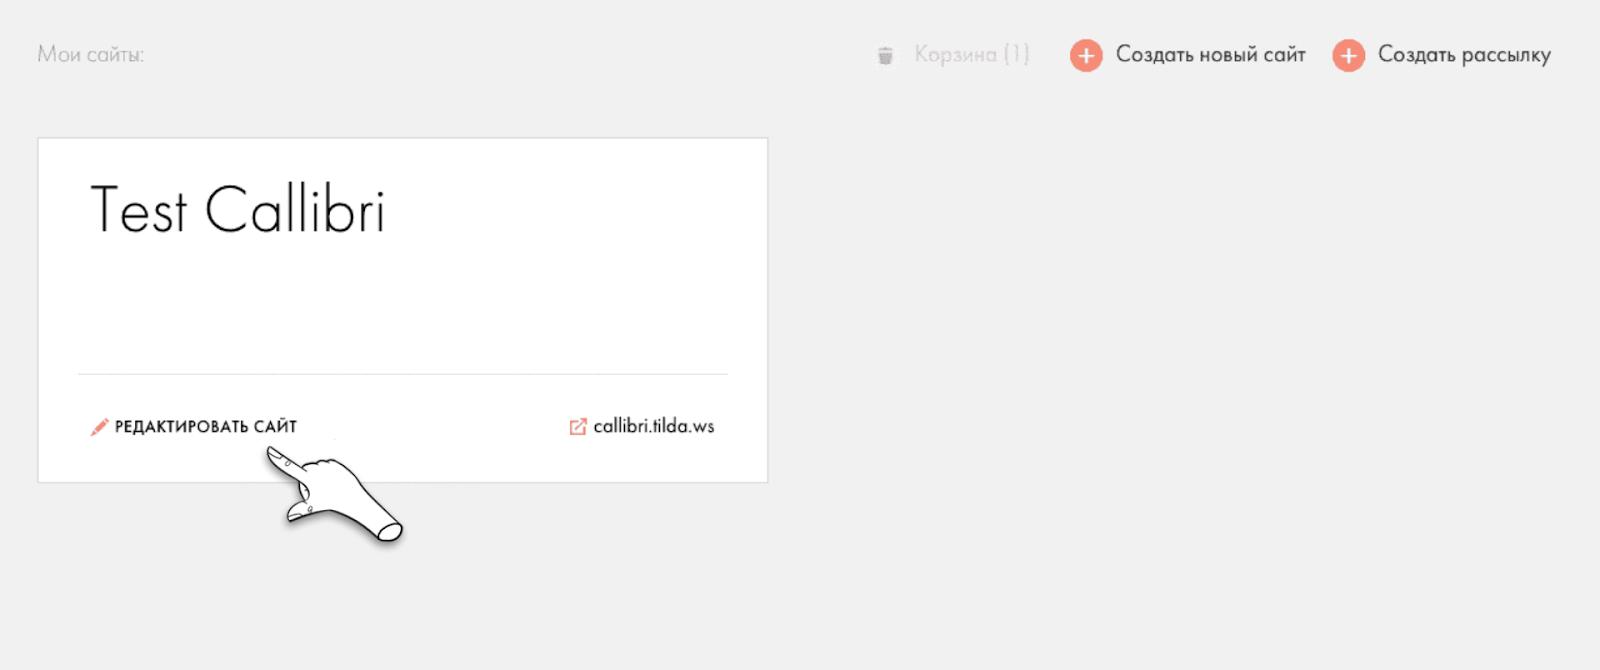 Редактировать сайт, созданный в конструкторе Tilda